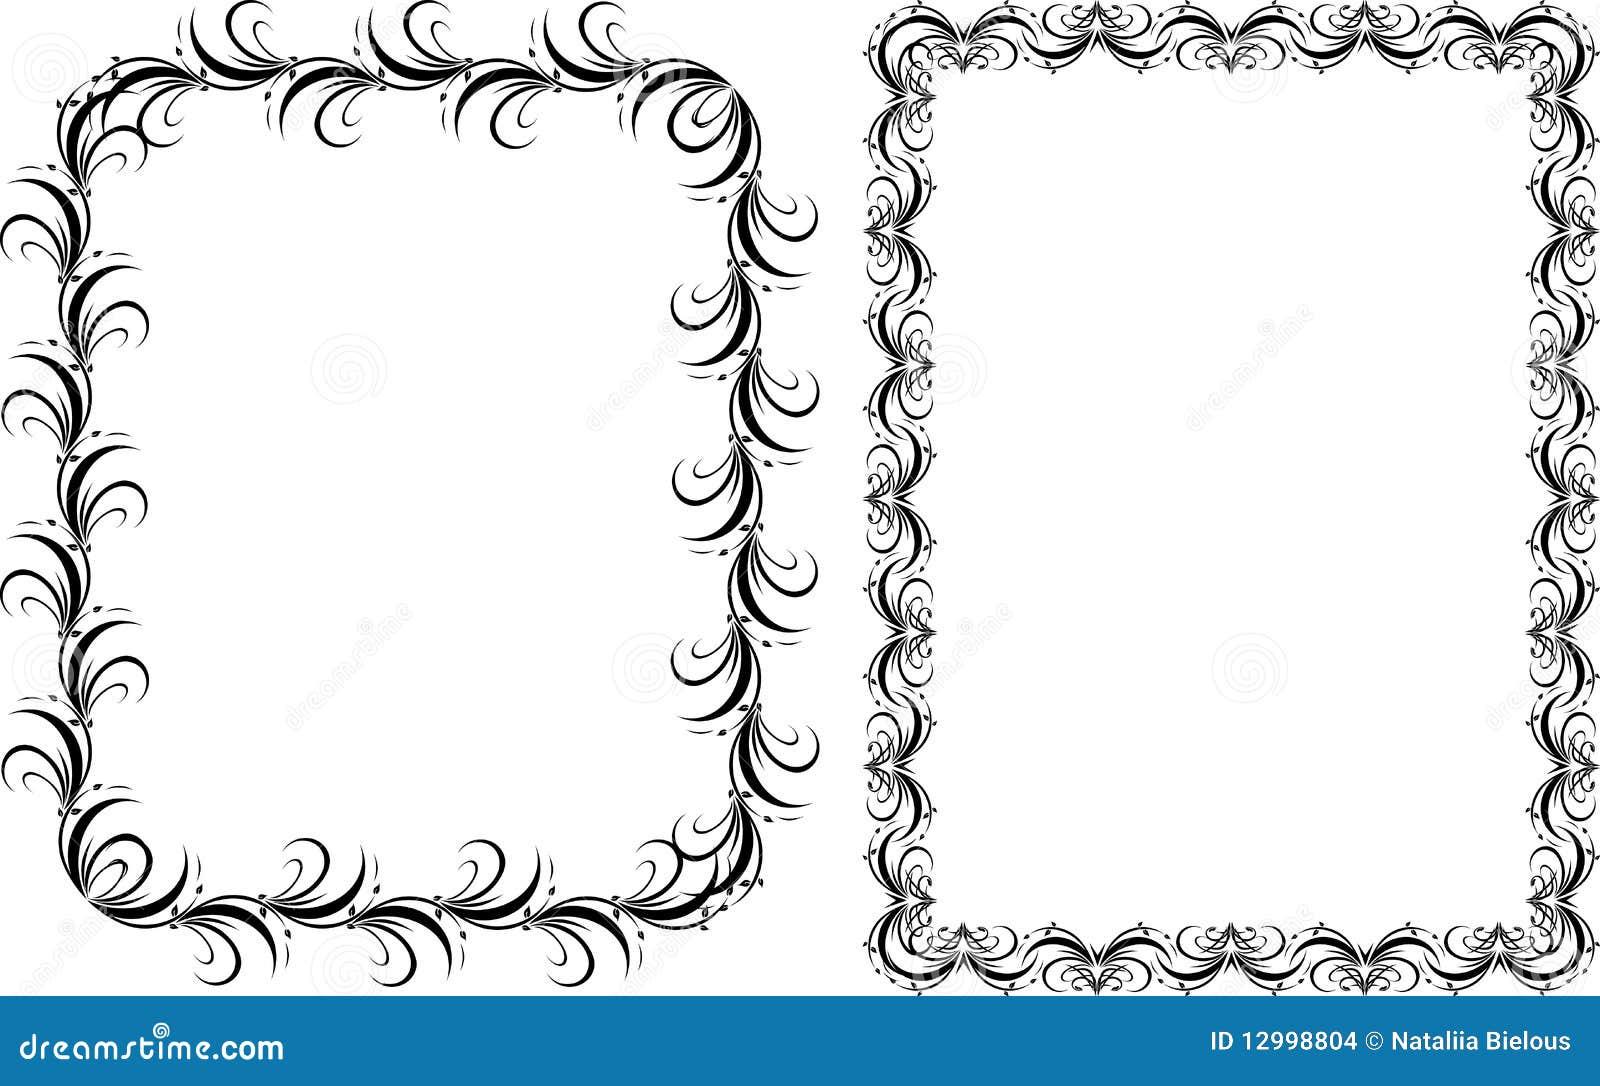 Dos marcos decorativos modelo imagenes de archivo - Marcos decorativos ...